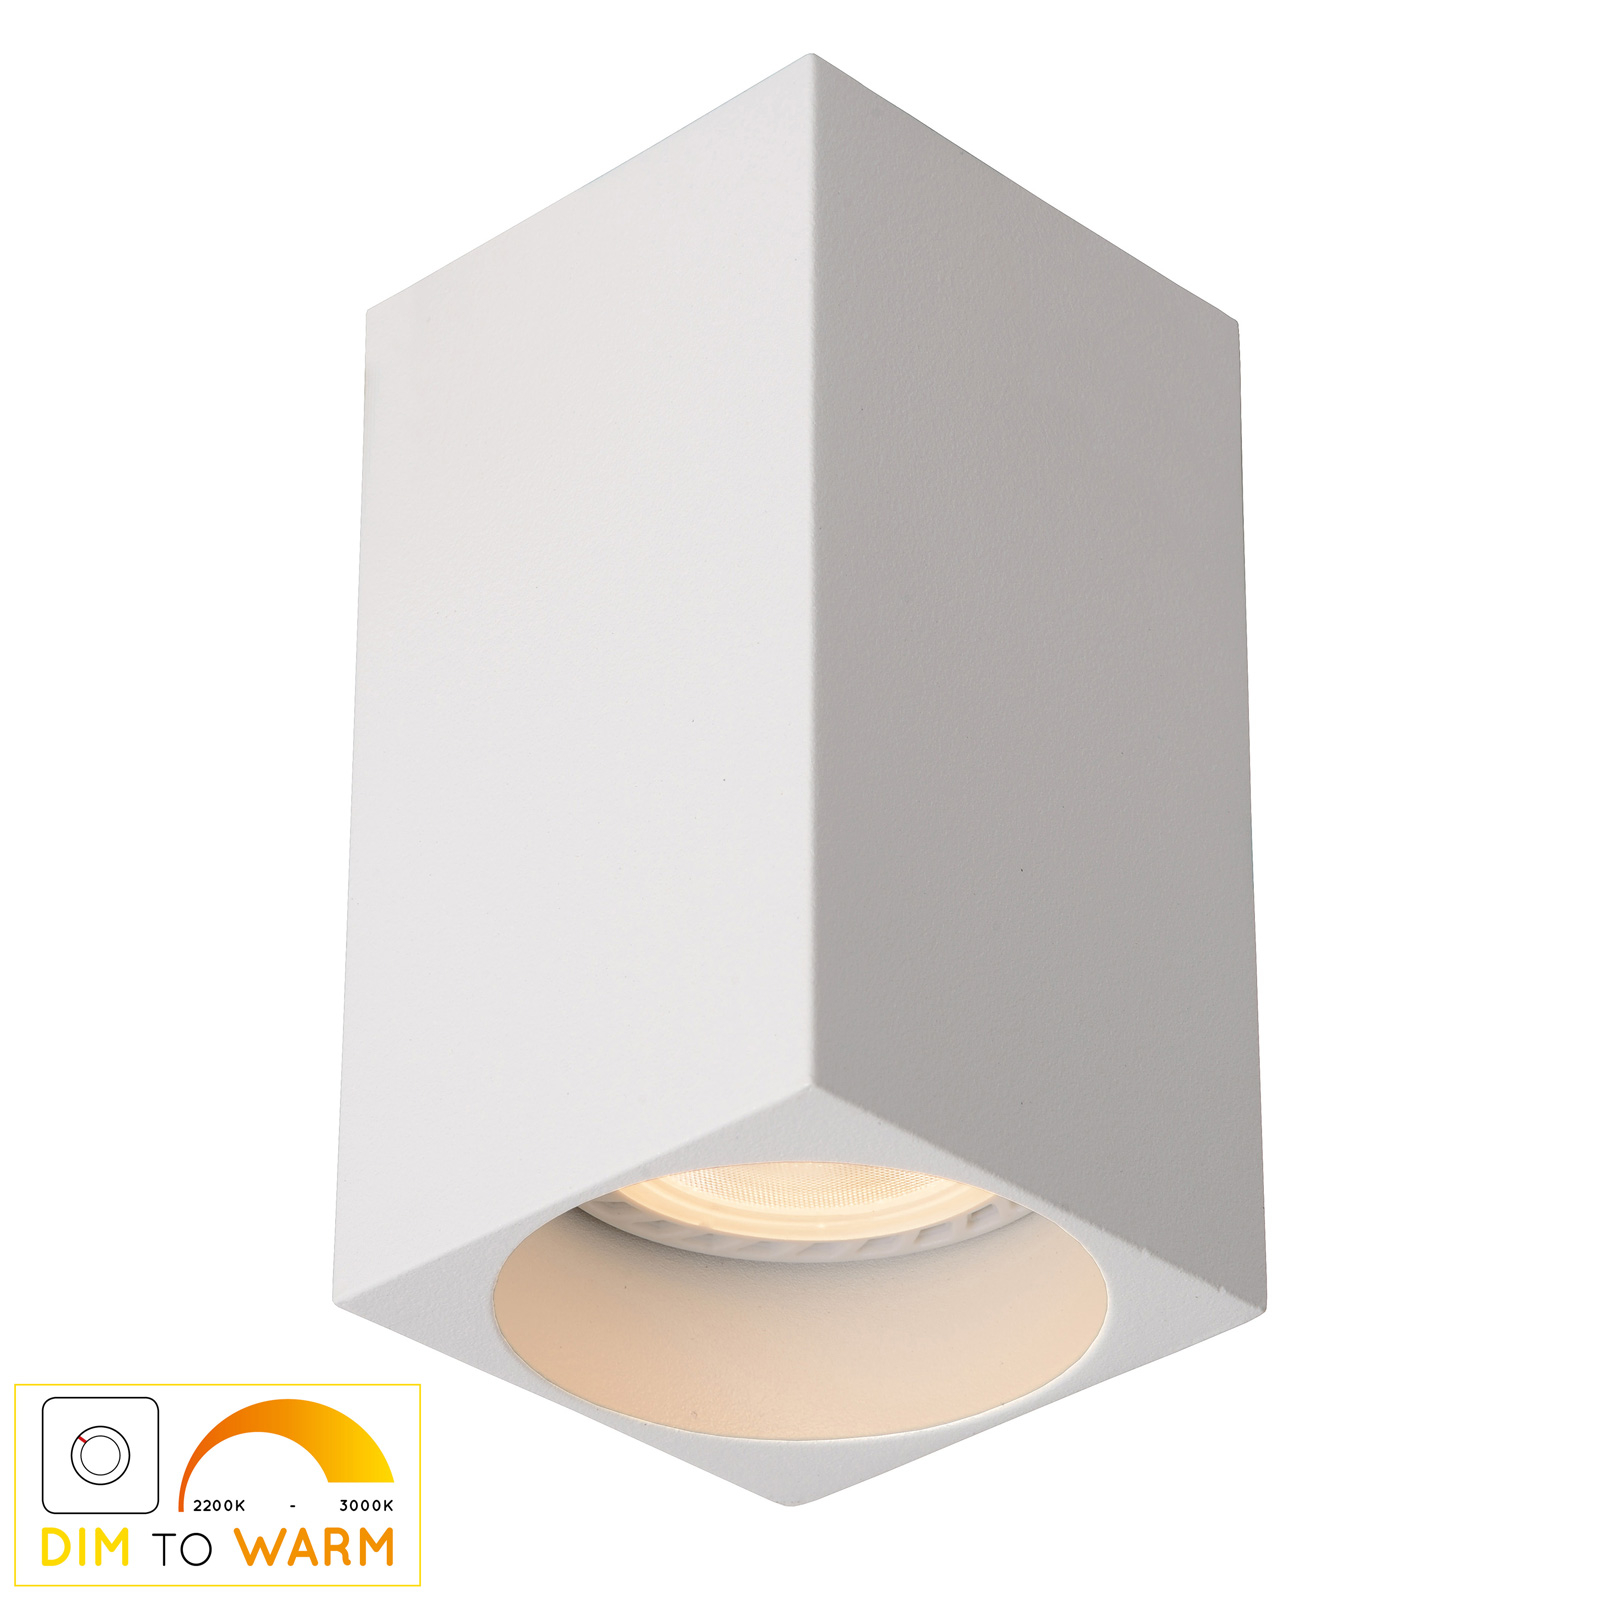 Billede af Delto LED-loftlampe, dim to warm, kantet, hvid